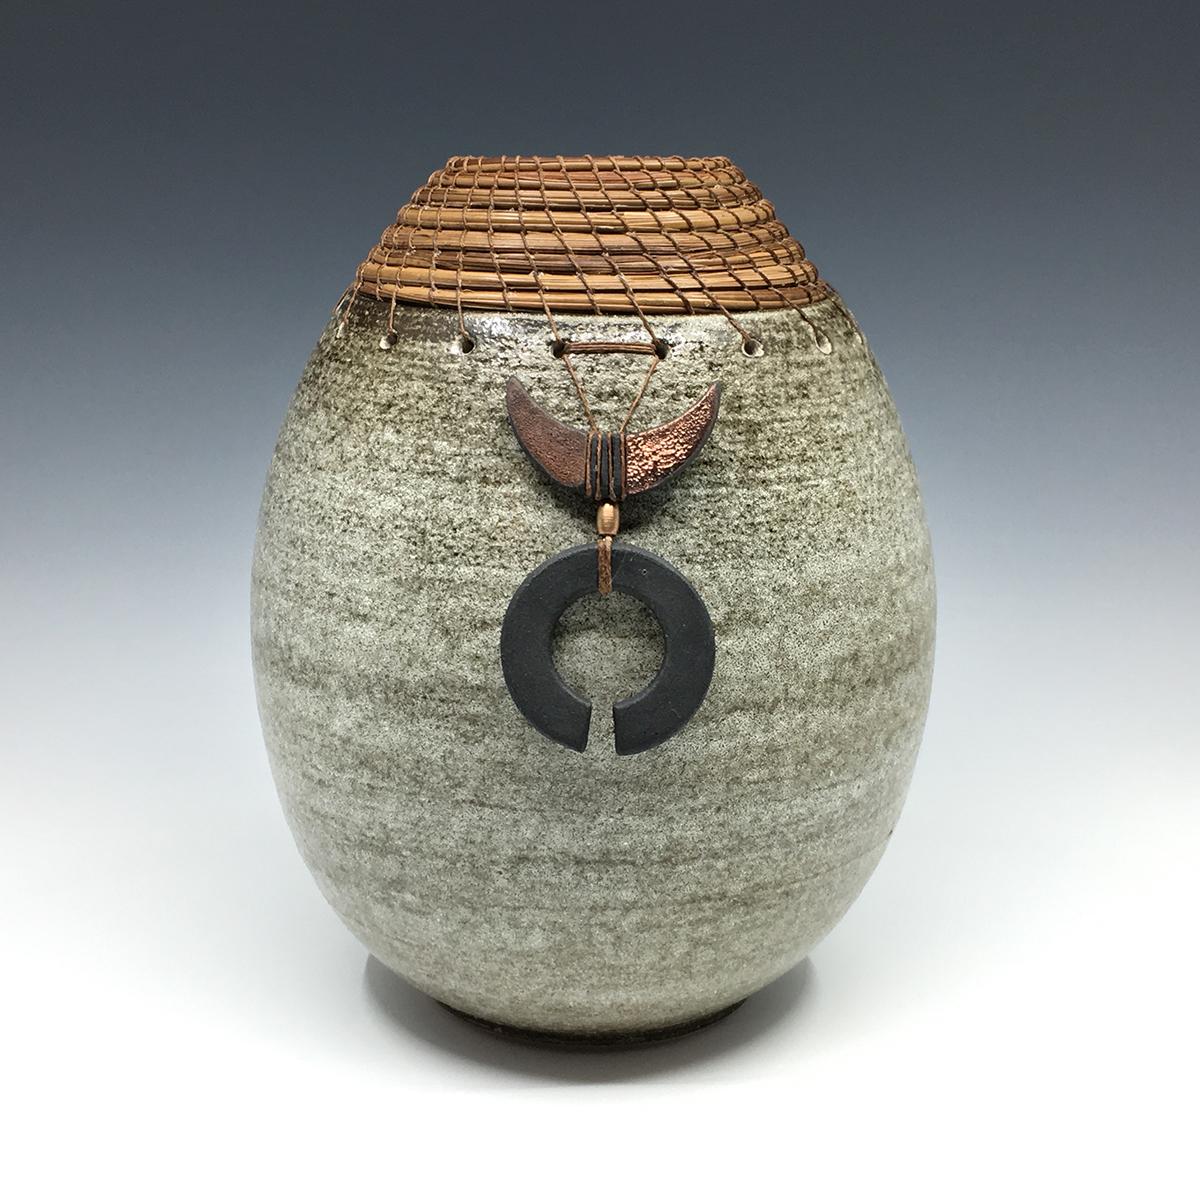 Rustic Egg with Raku doodads